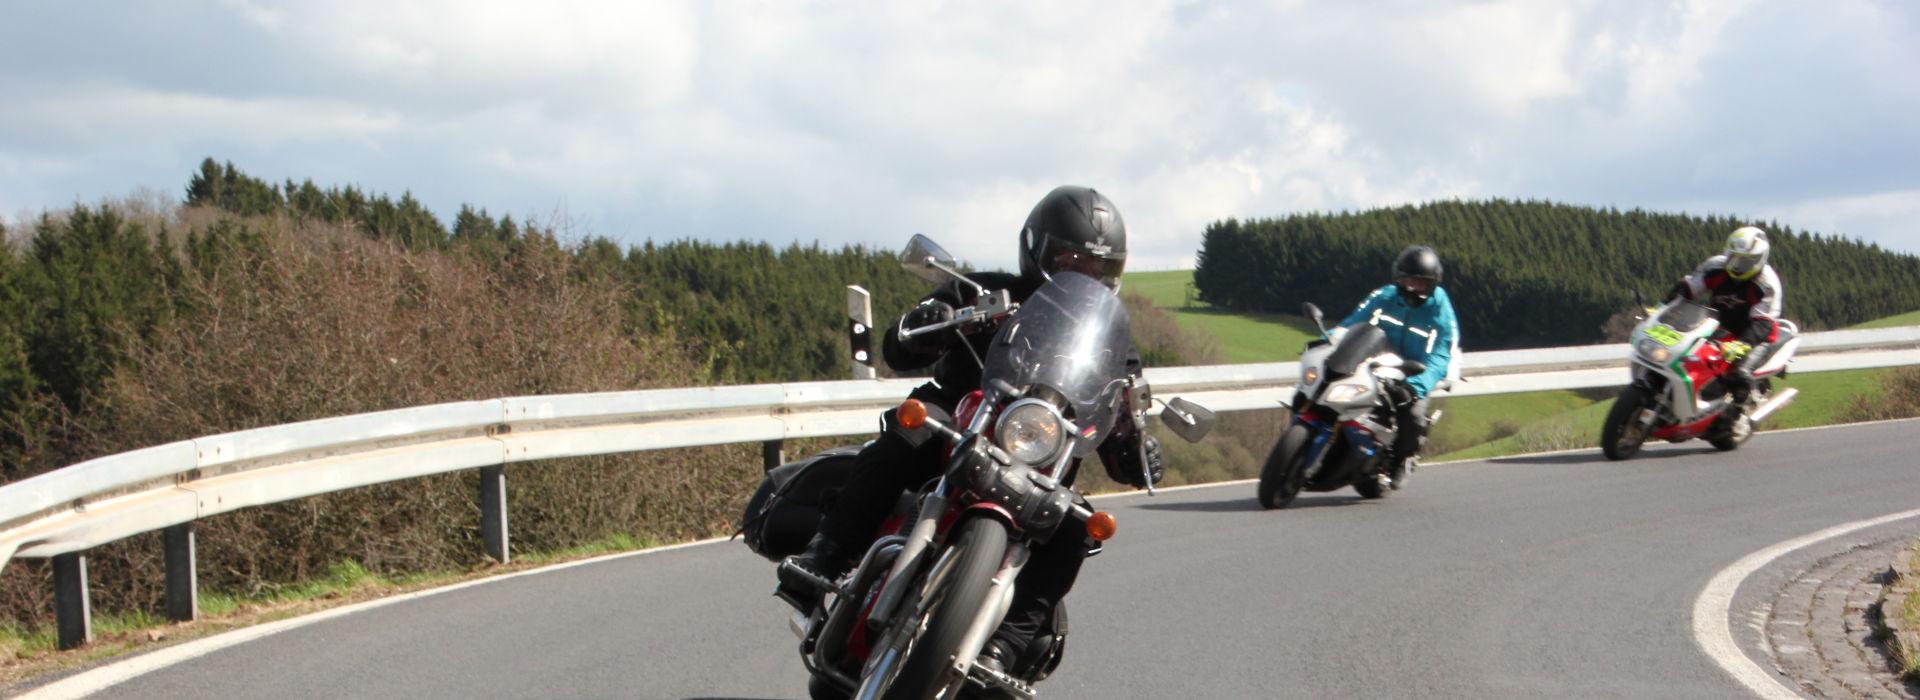 Motorrijbewijspoint Nieuw-Beijerland snel motorrijbewijs halen